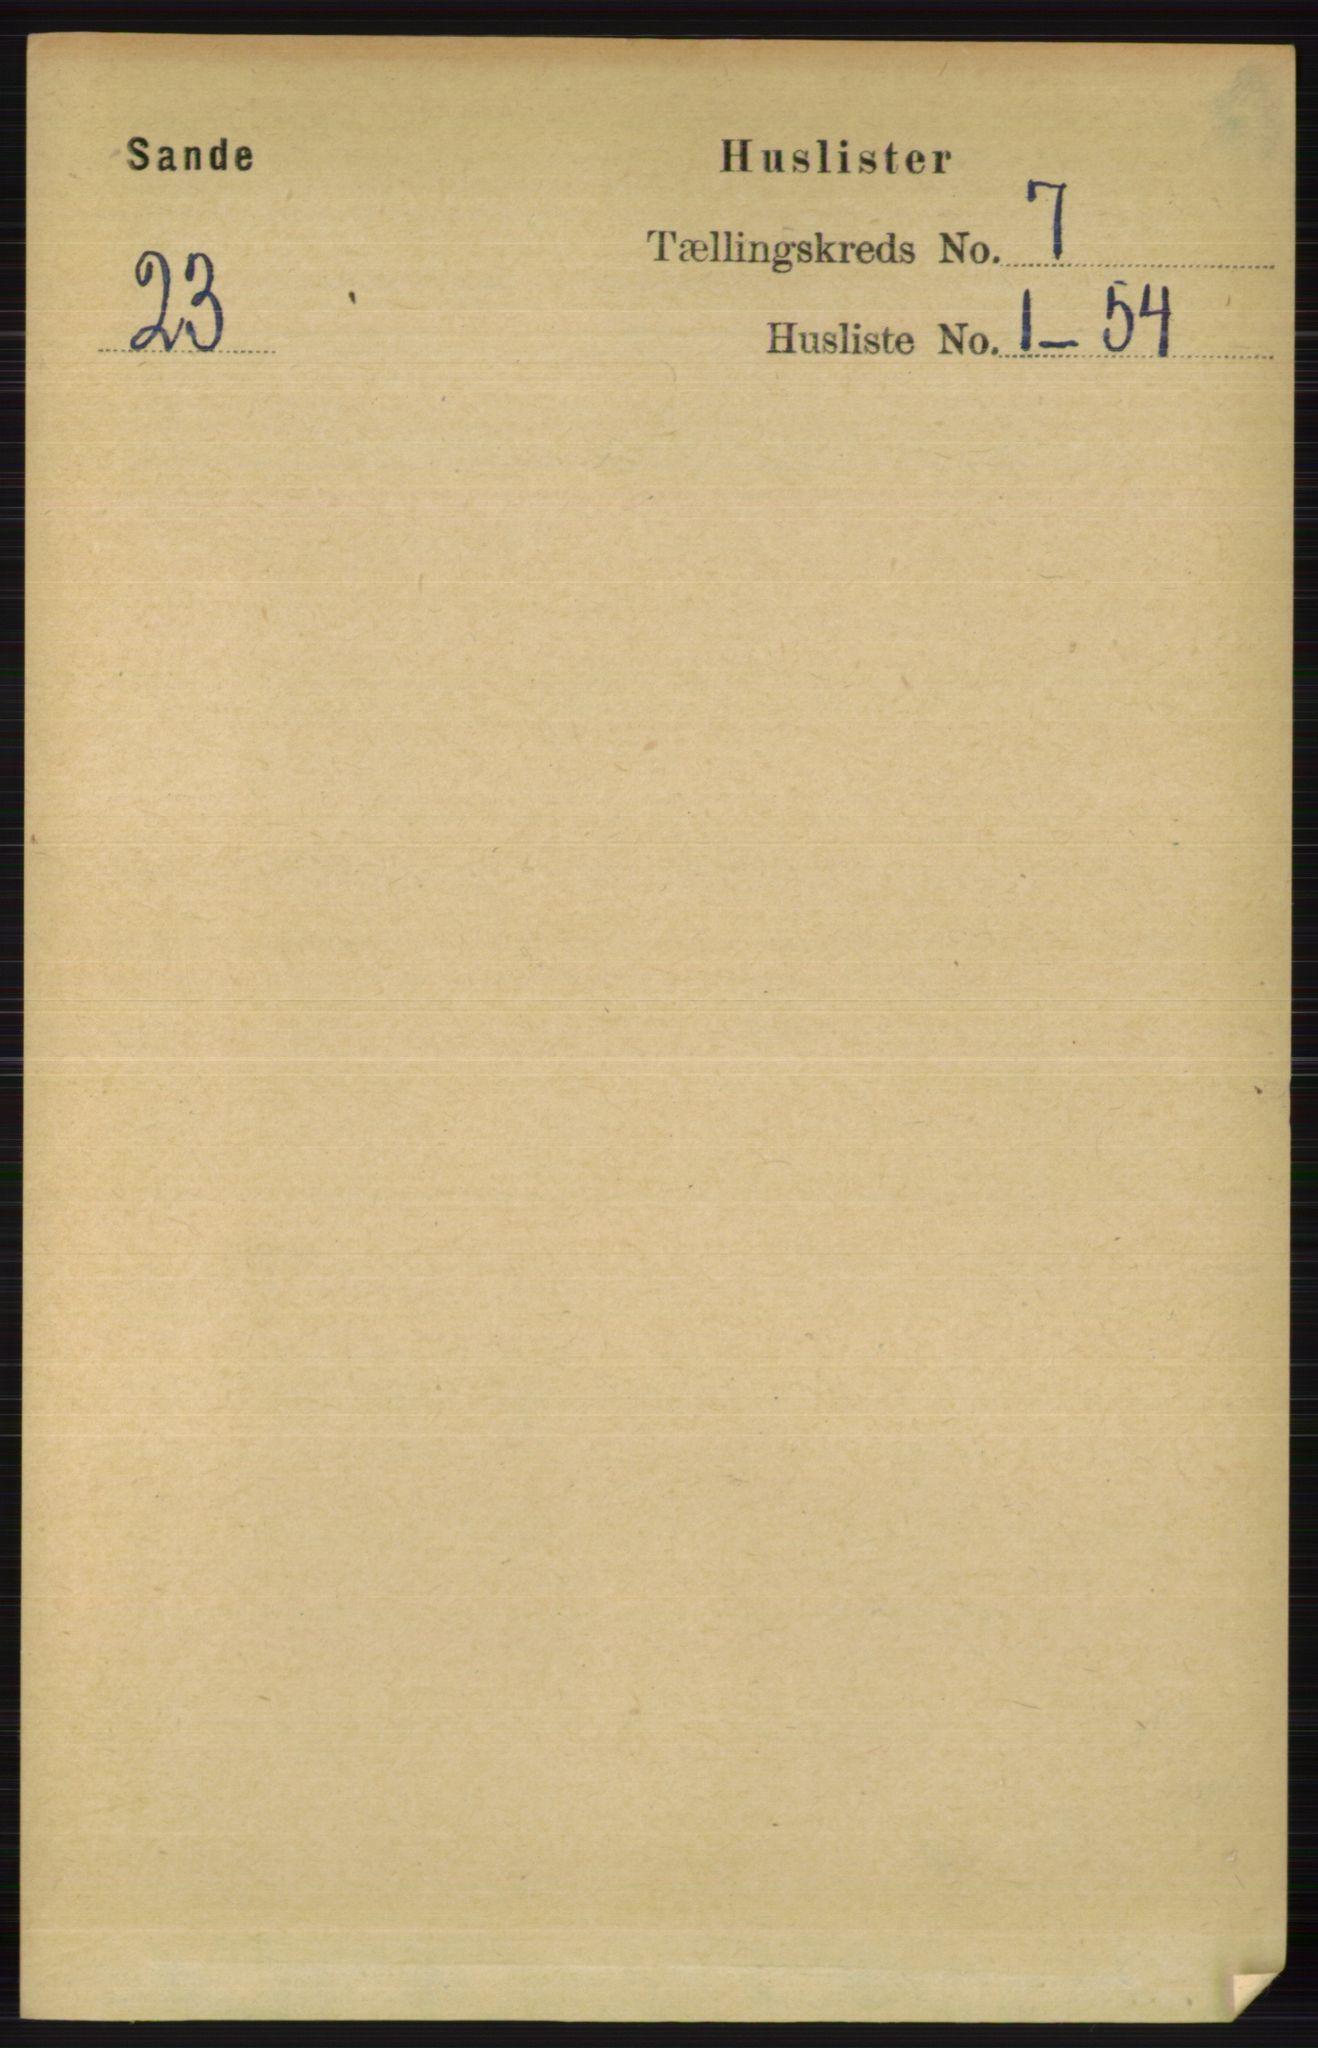 RA, Folketelling 1891 for 0713 Sande herred, 1891, s. 3079